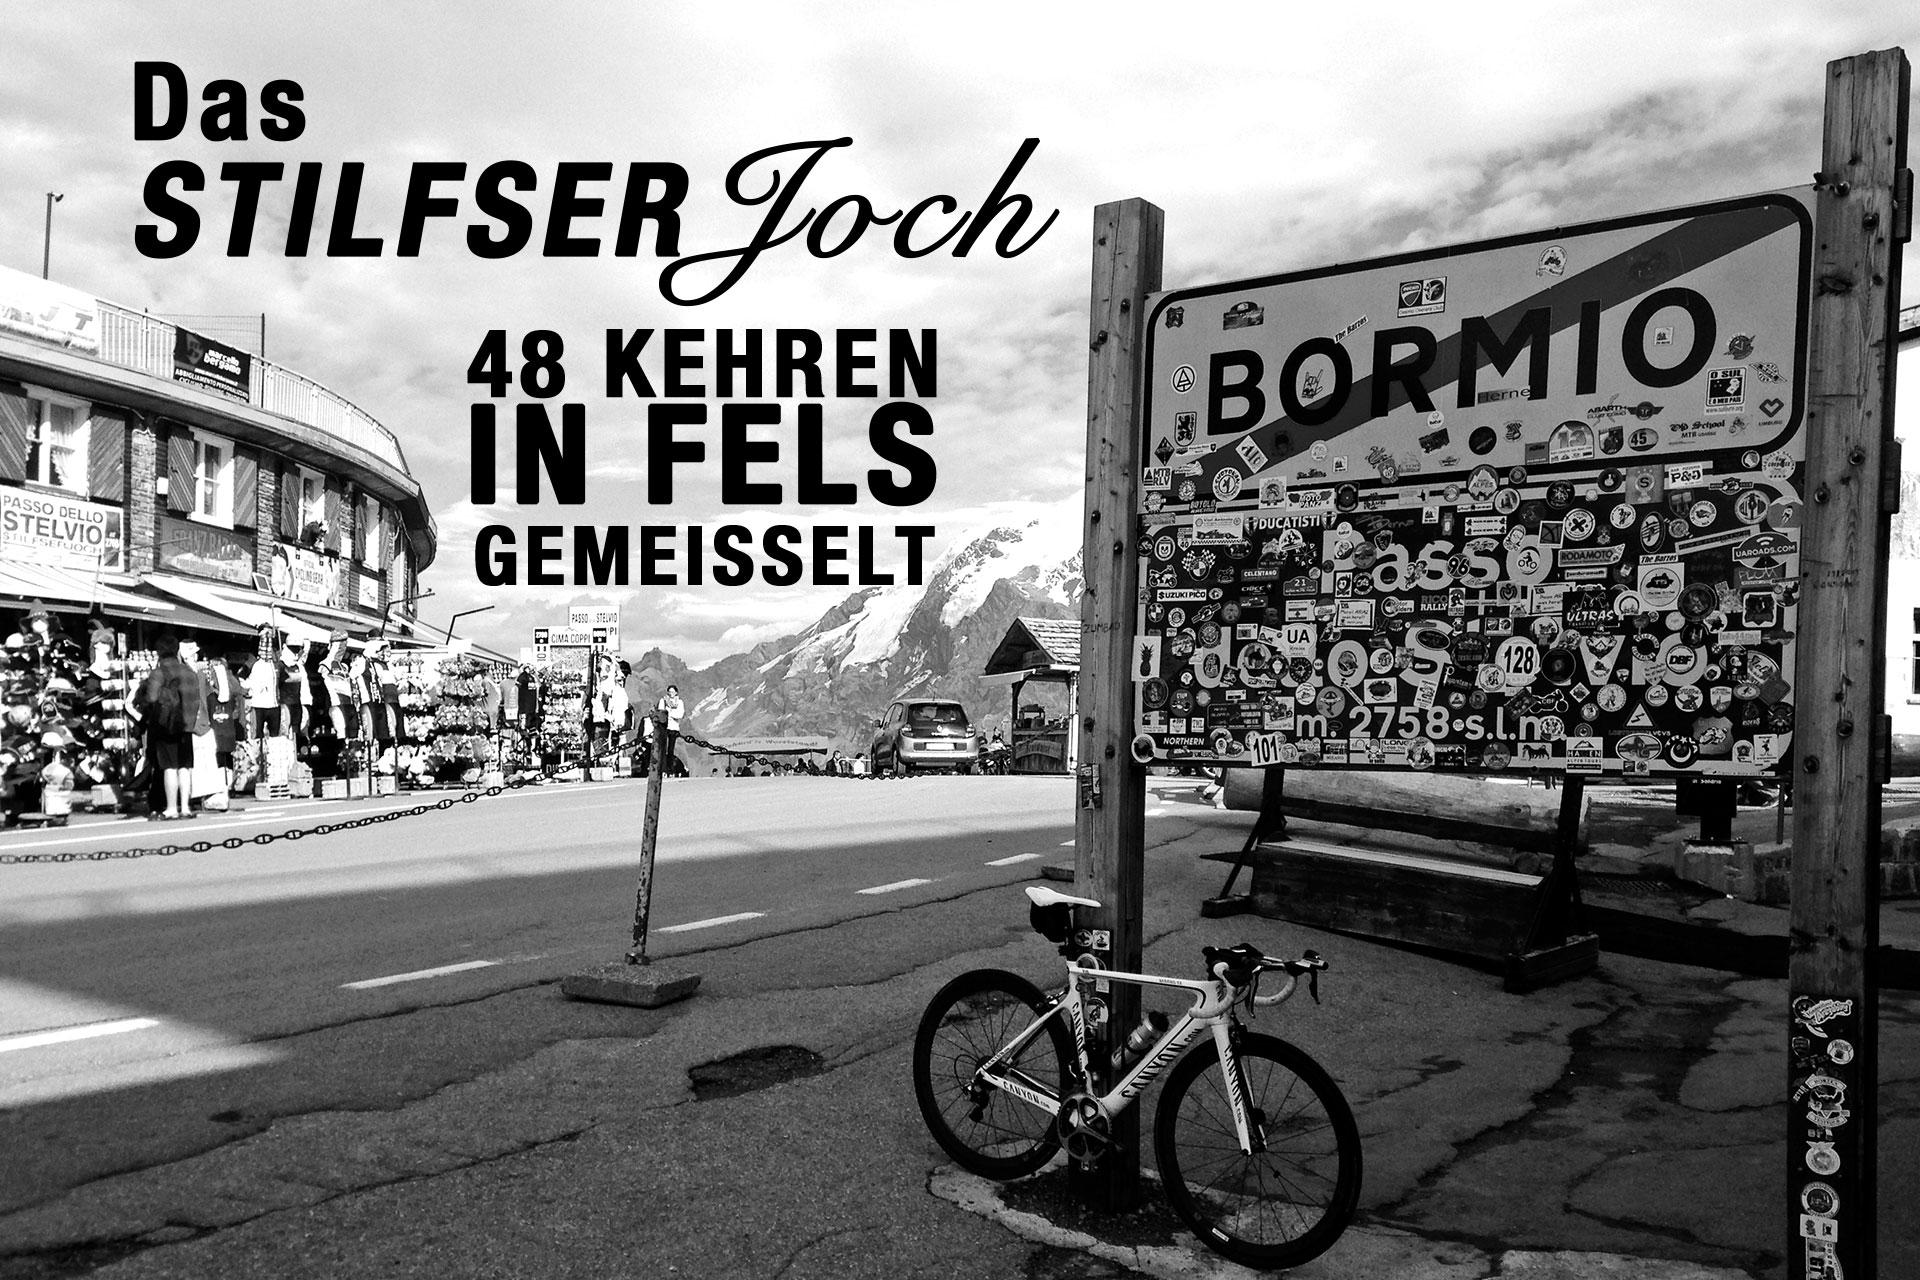 DAS STILFSER JOCH 48 Kehren in Fels gemeisselt TITEL © stefandrexl.de